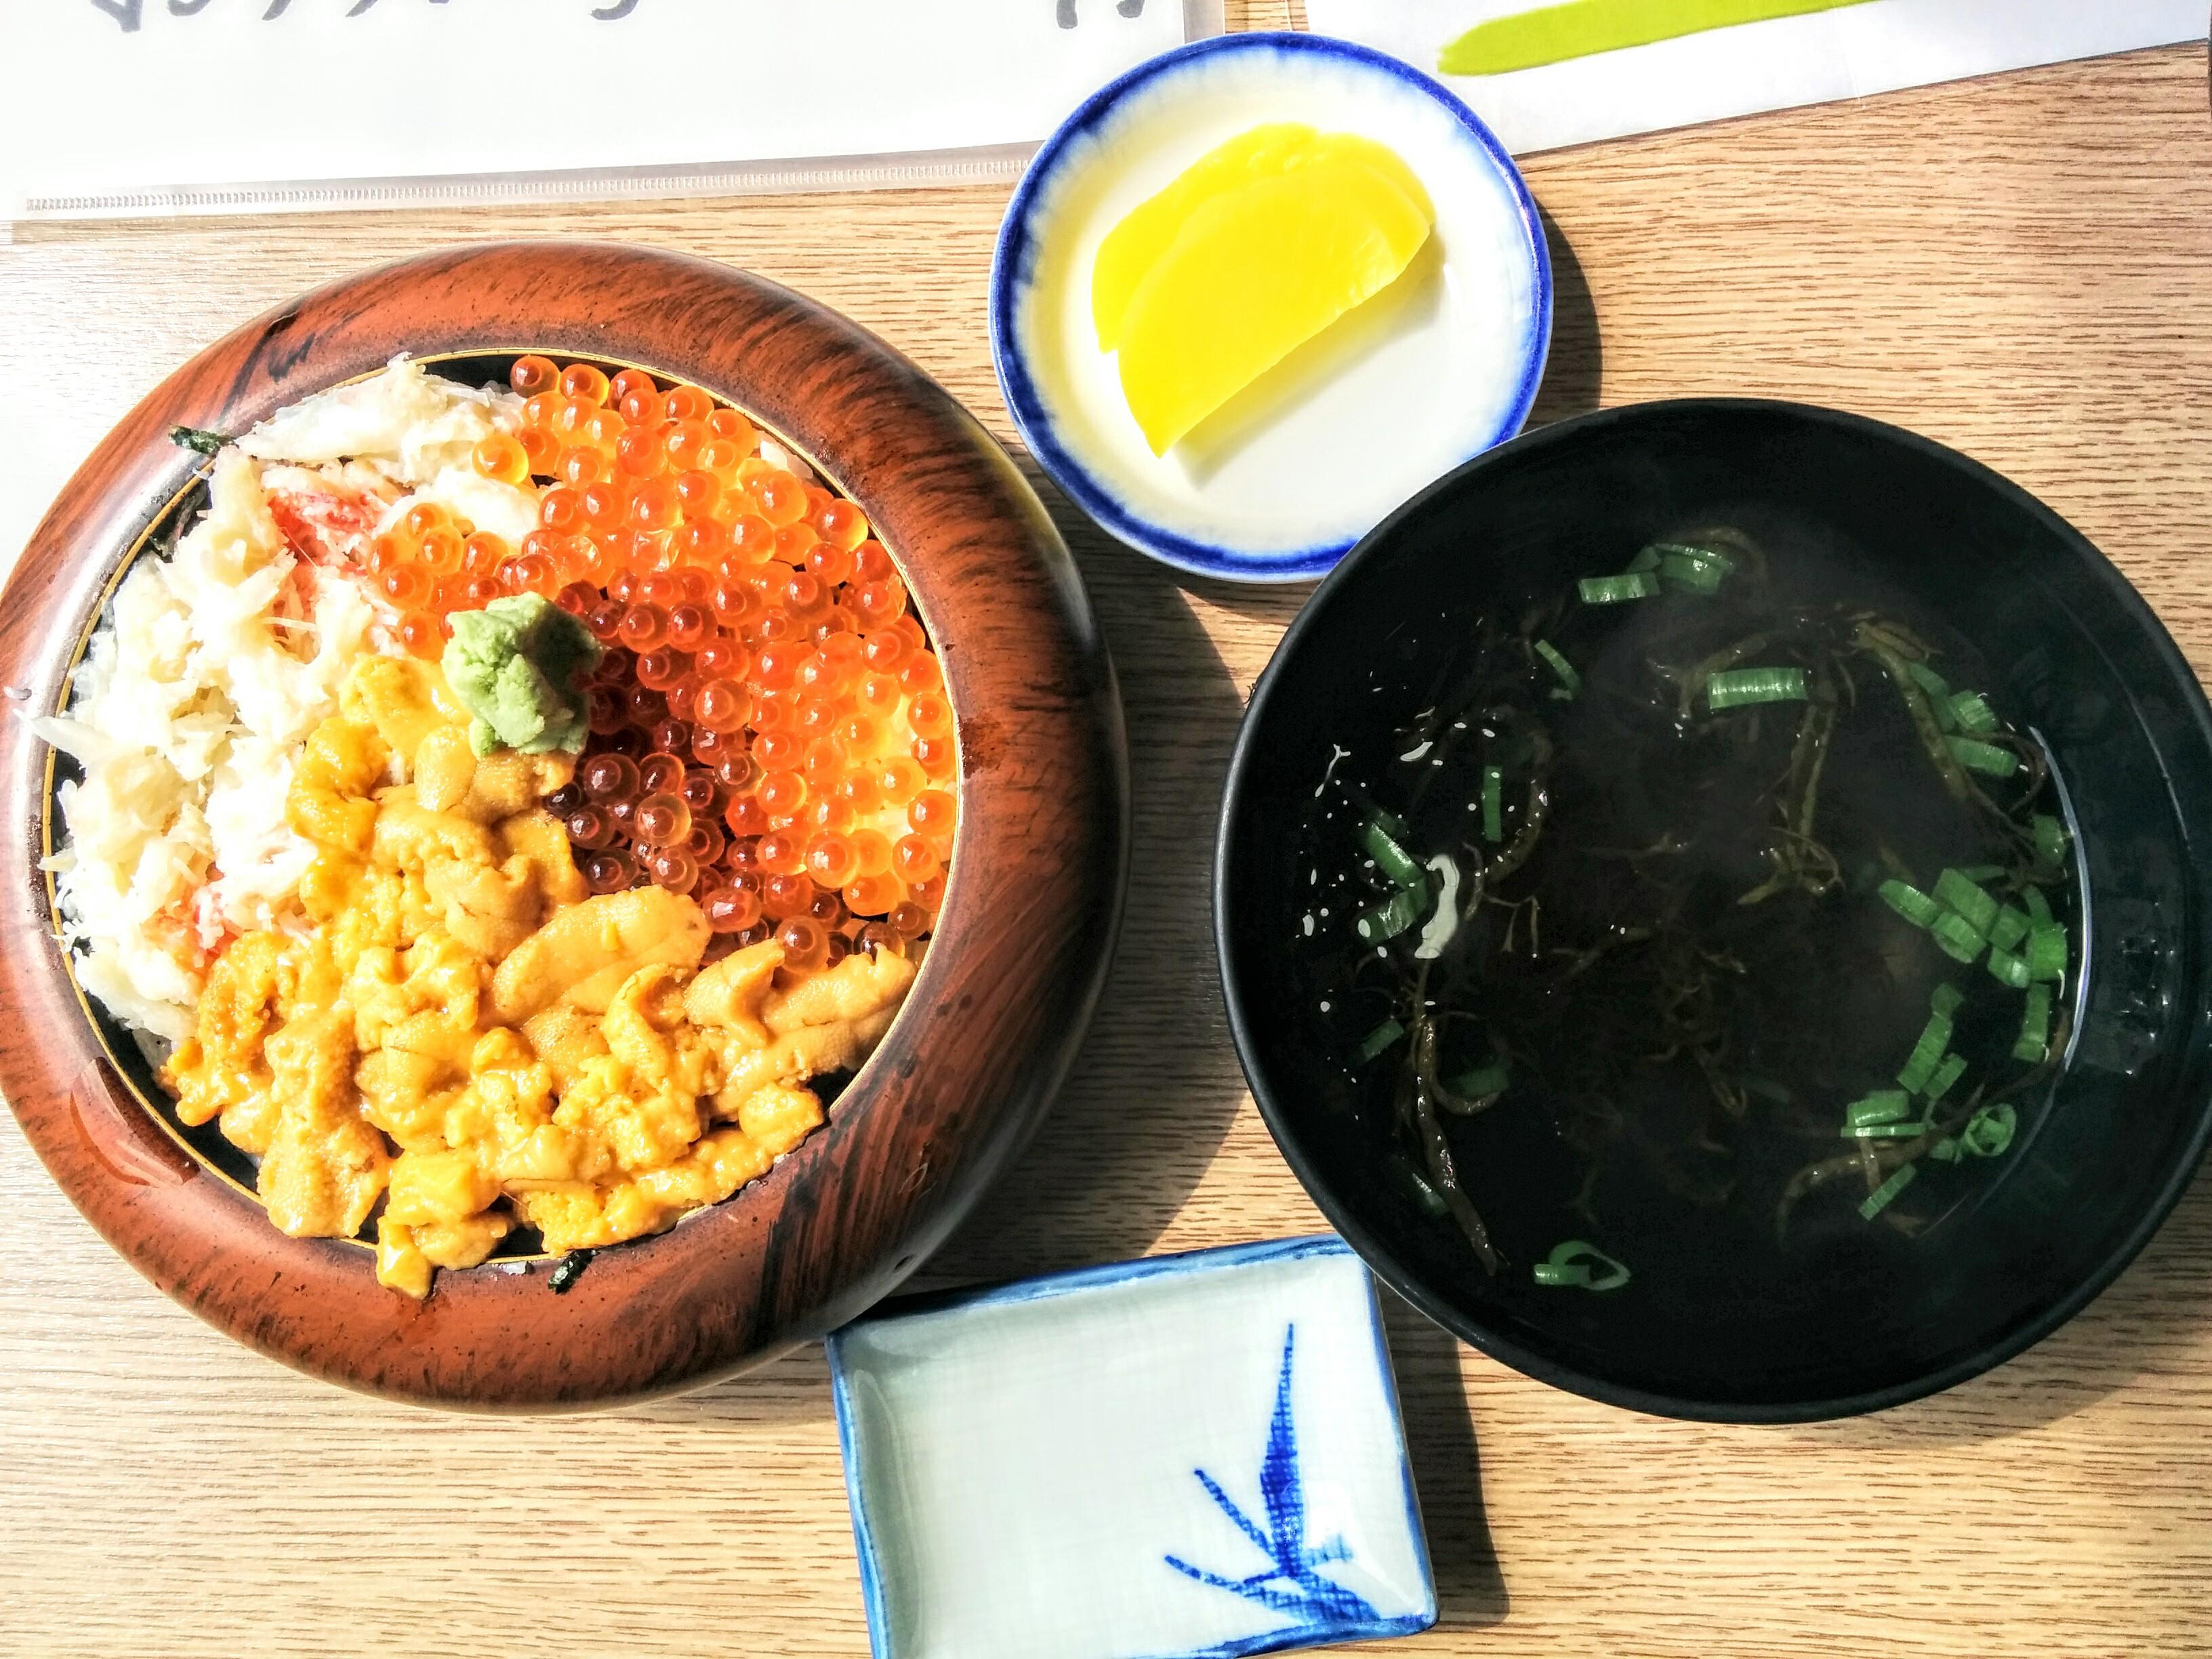 【積丹半島】日司町マル天・佐藤食堂グルメ案内です。